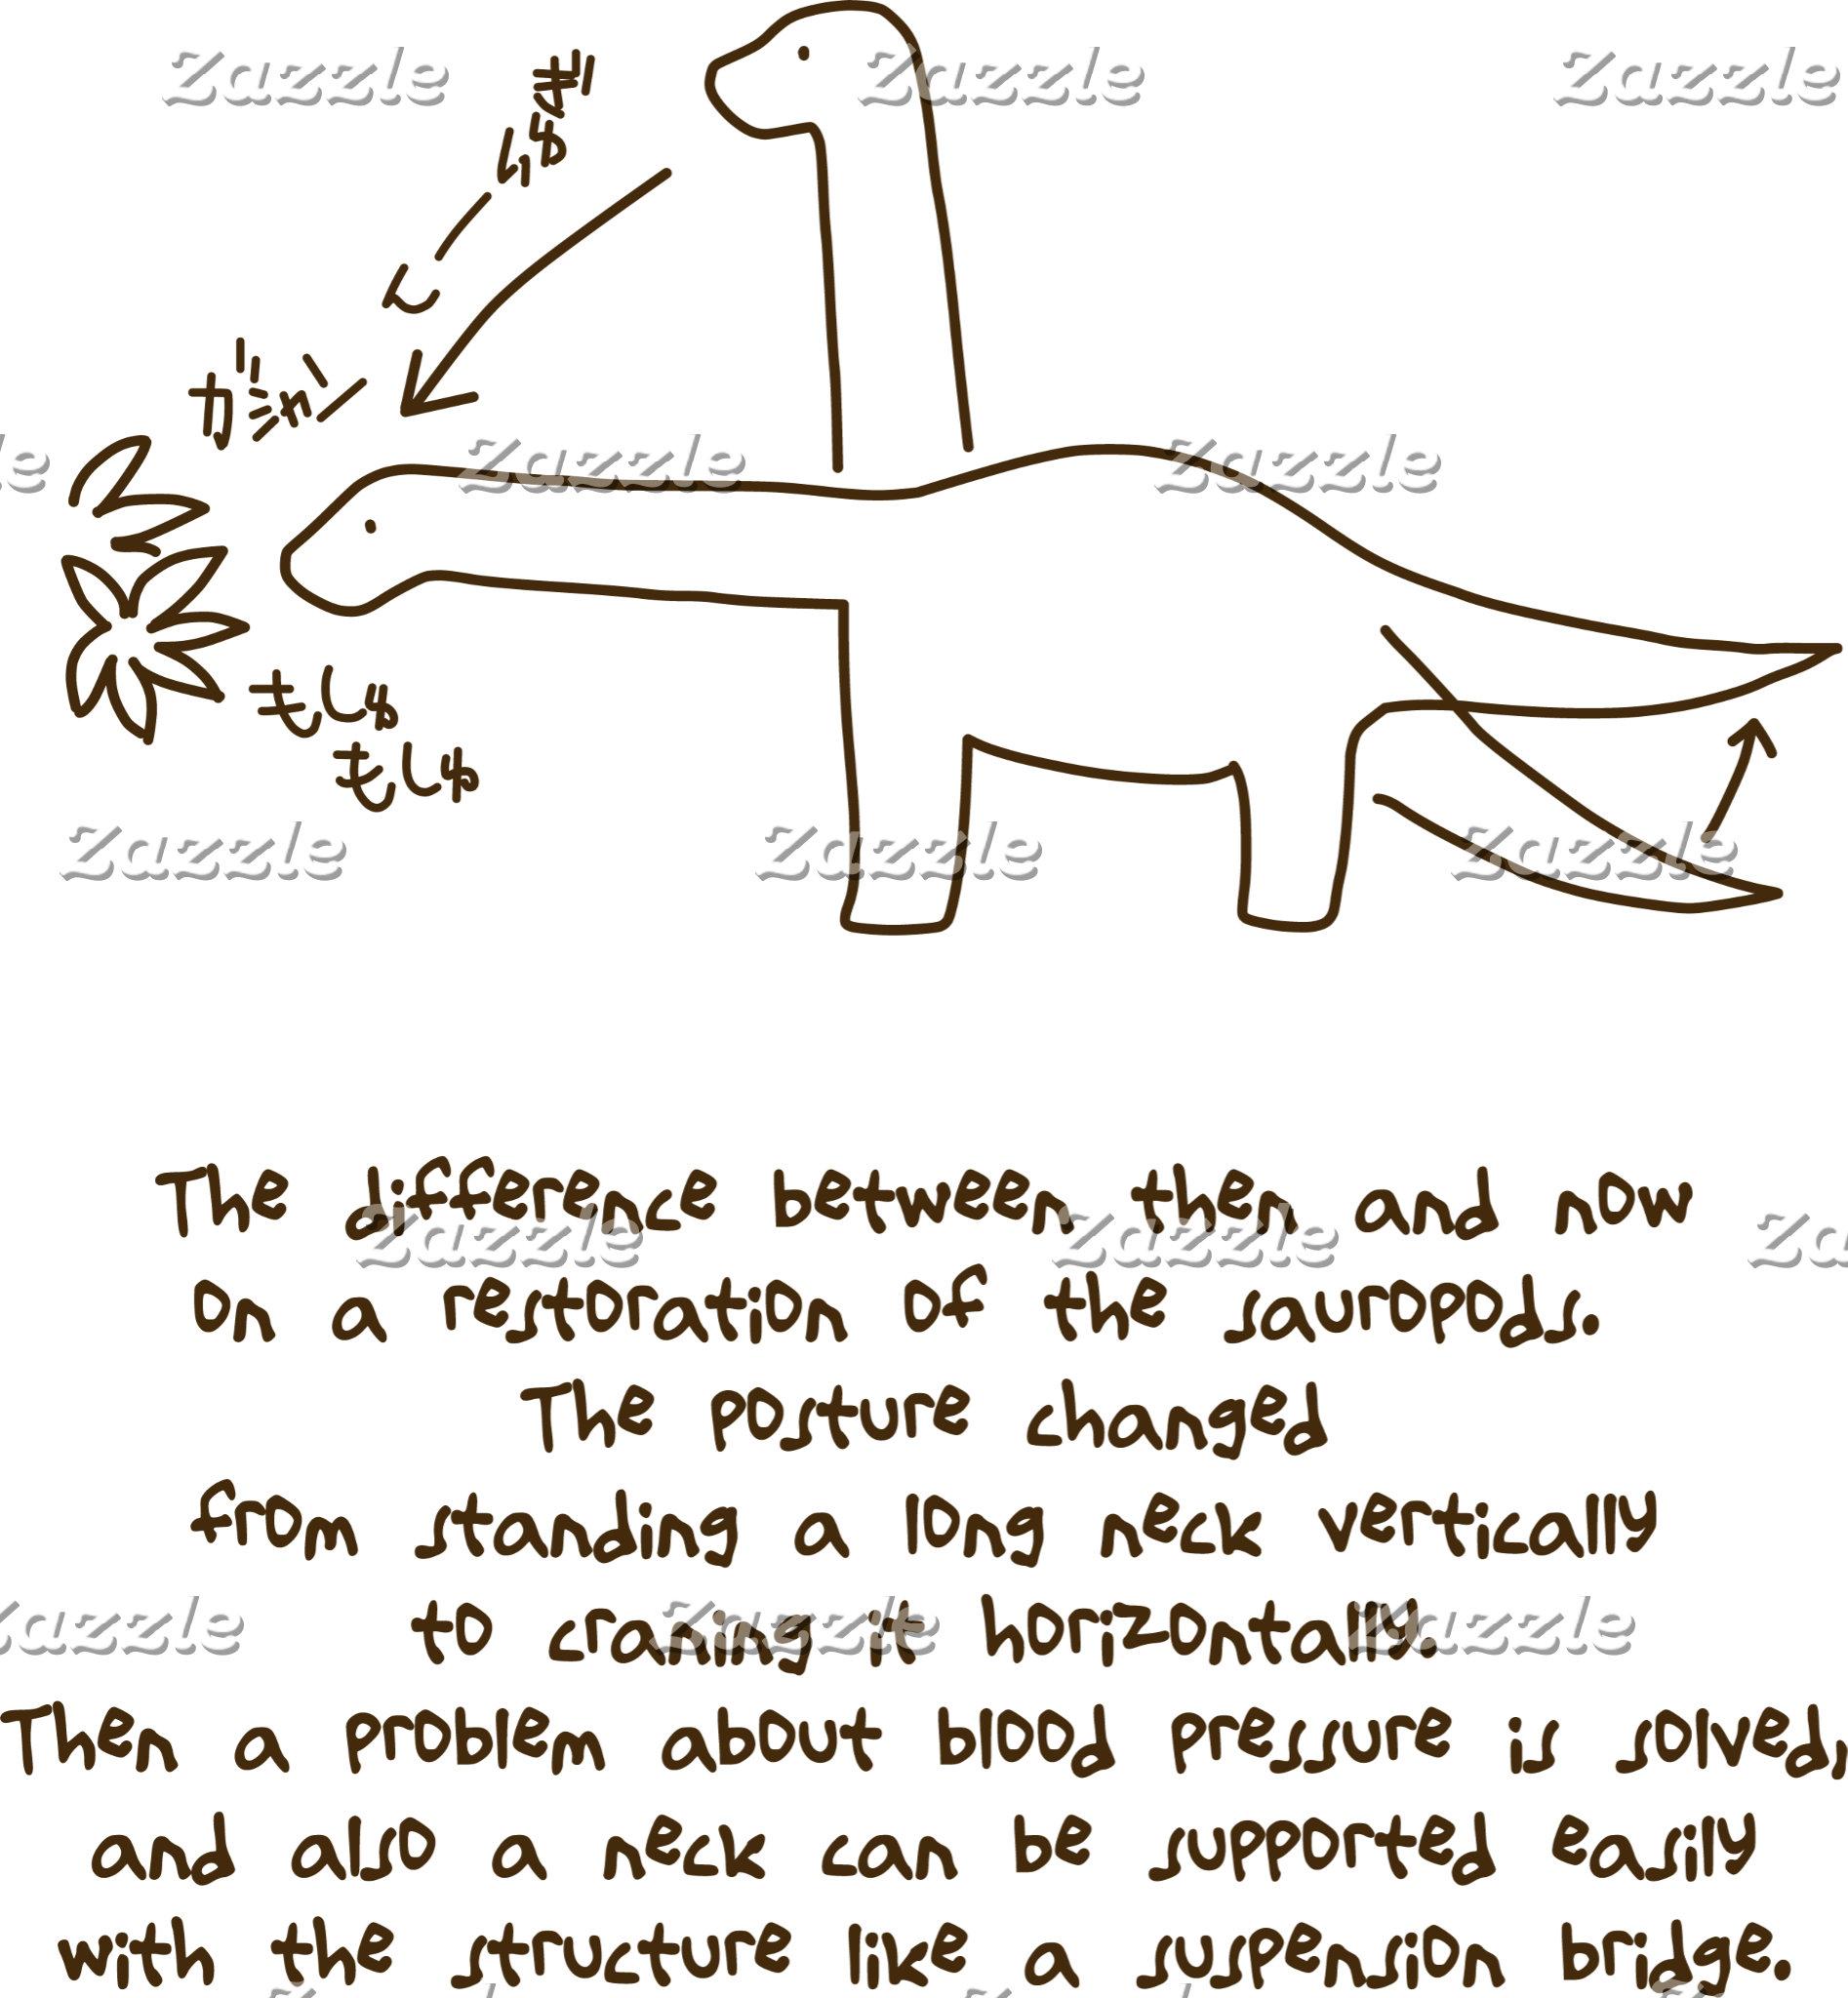 【恐竜今昔(効果音付き-茶】 Sauropods, then & now (w/ SE, brown